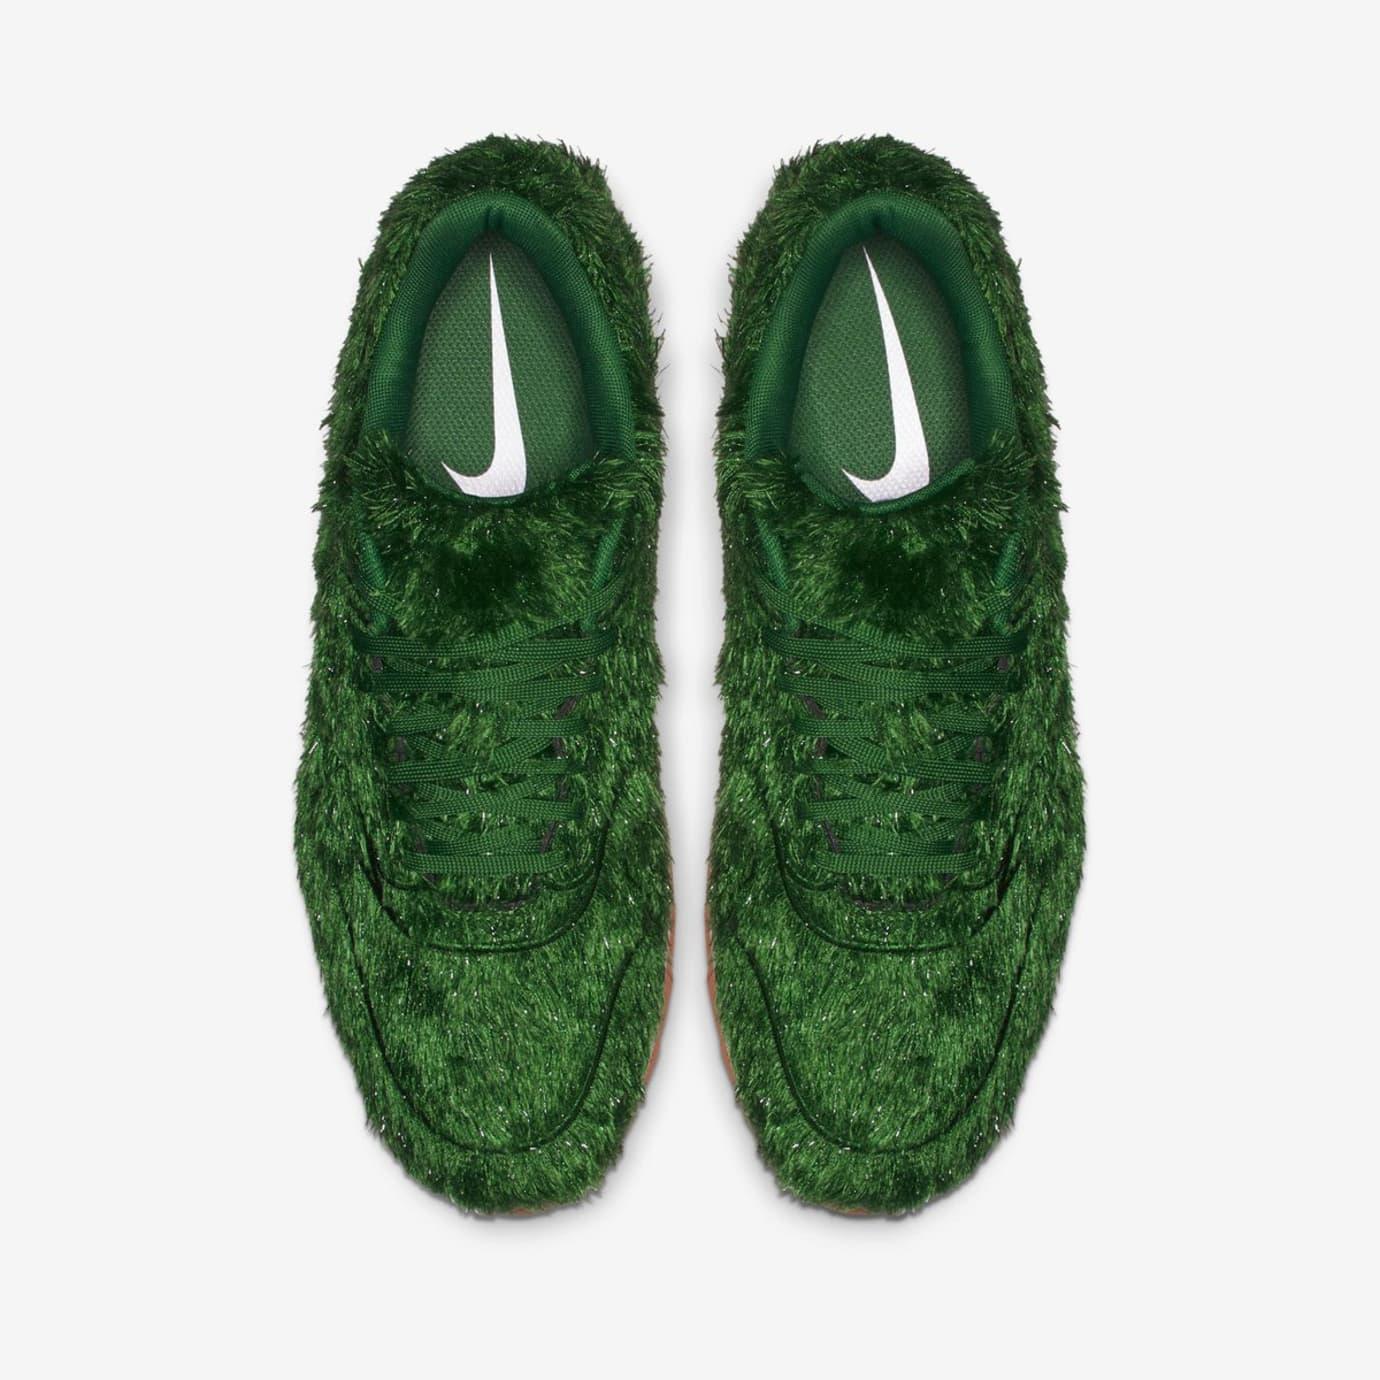 Nike estrenaría modelo 'Grass', diseñado para golfistas